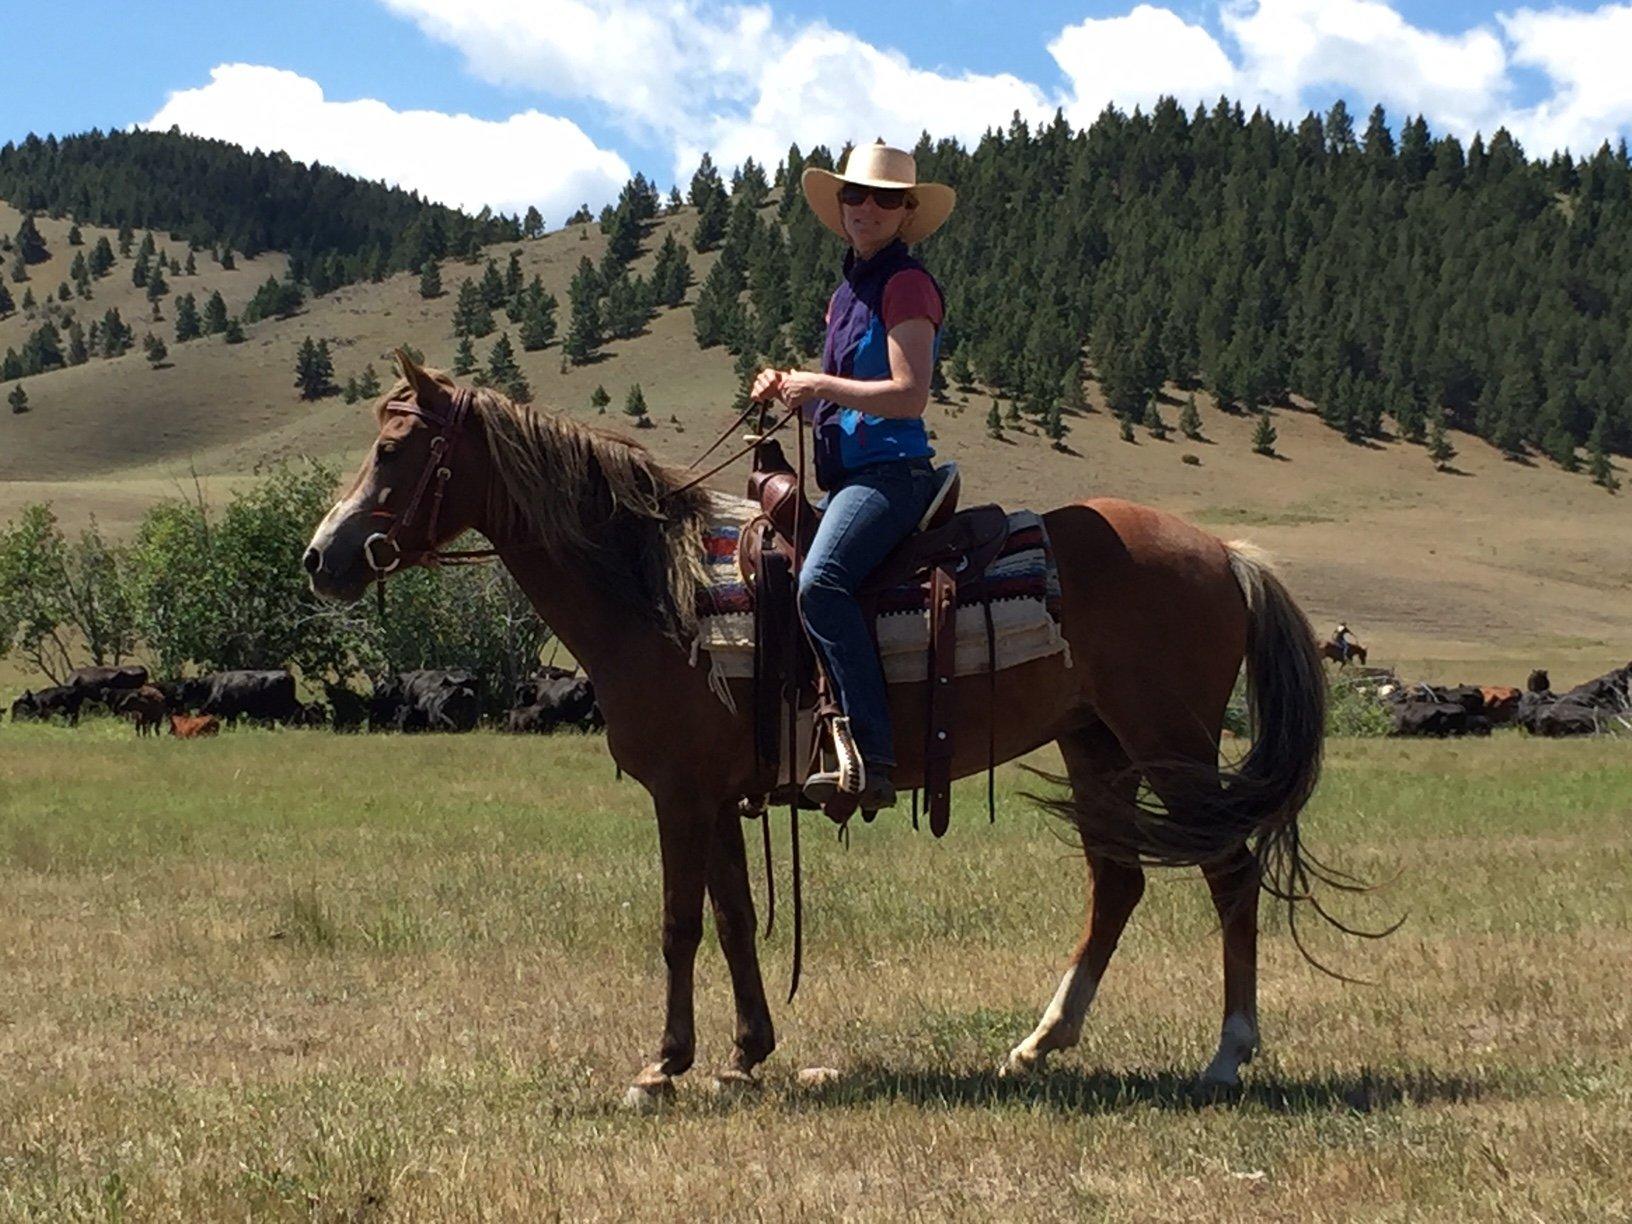 Local Granite County purveyor Katie Radtke of Kate's Honey rides one of her Welsh ponies